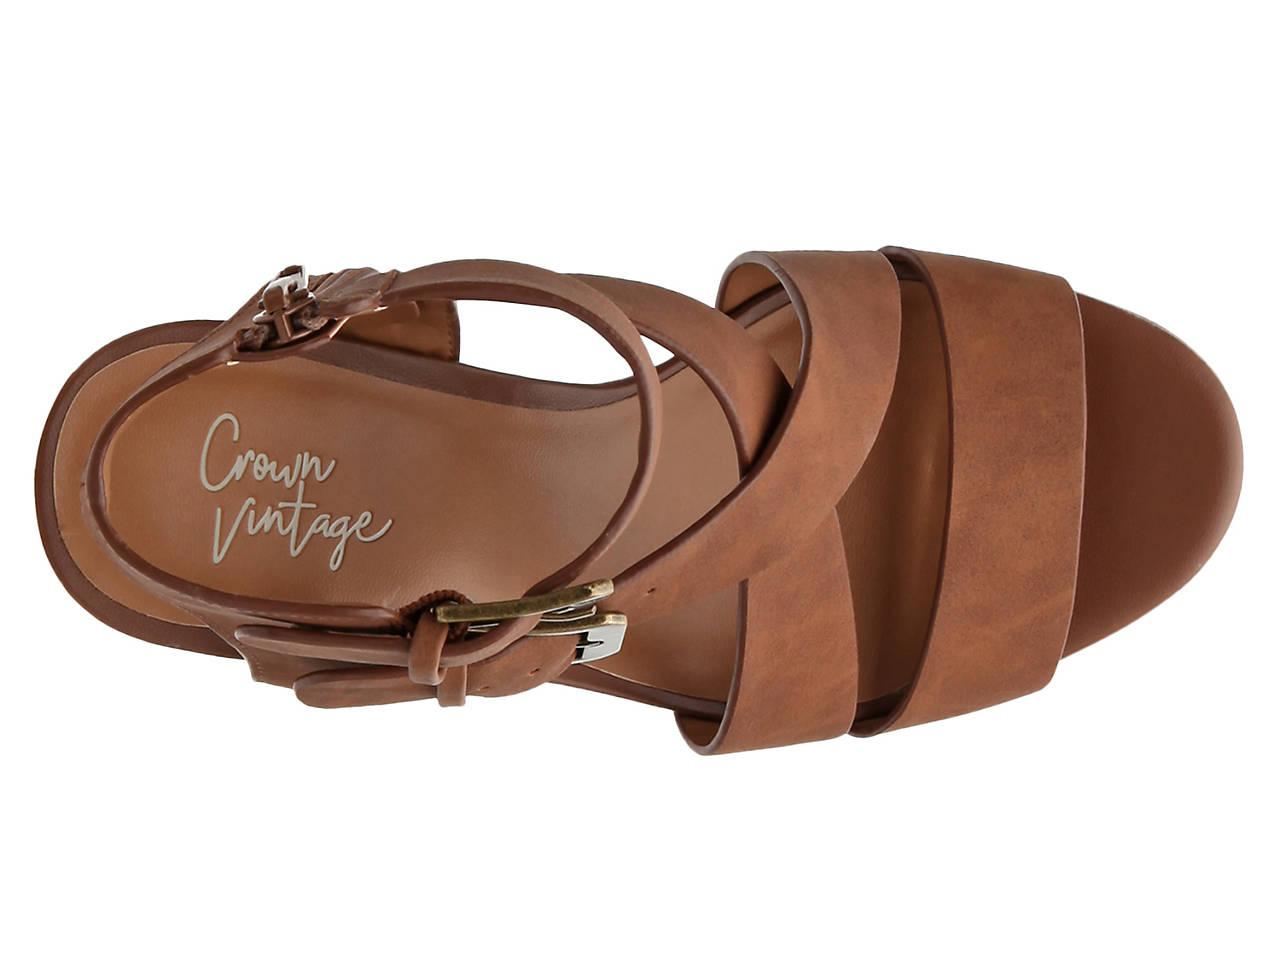 Crown Vintage Lillee Wedge Sandal Womens Shoes Dsw Tendencies Sandals Footbed 2 Strap Brown 42 Next